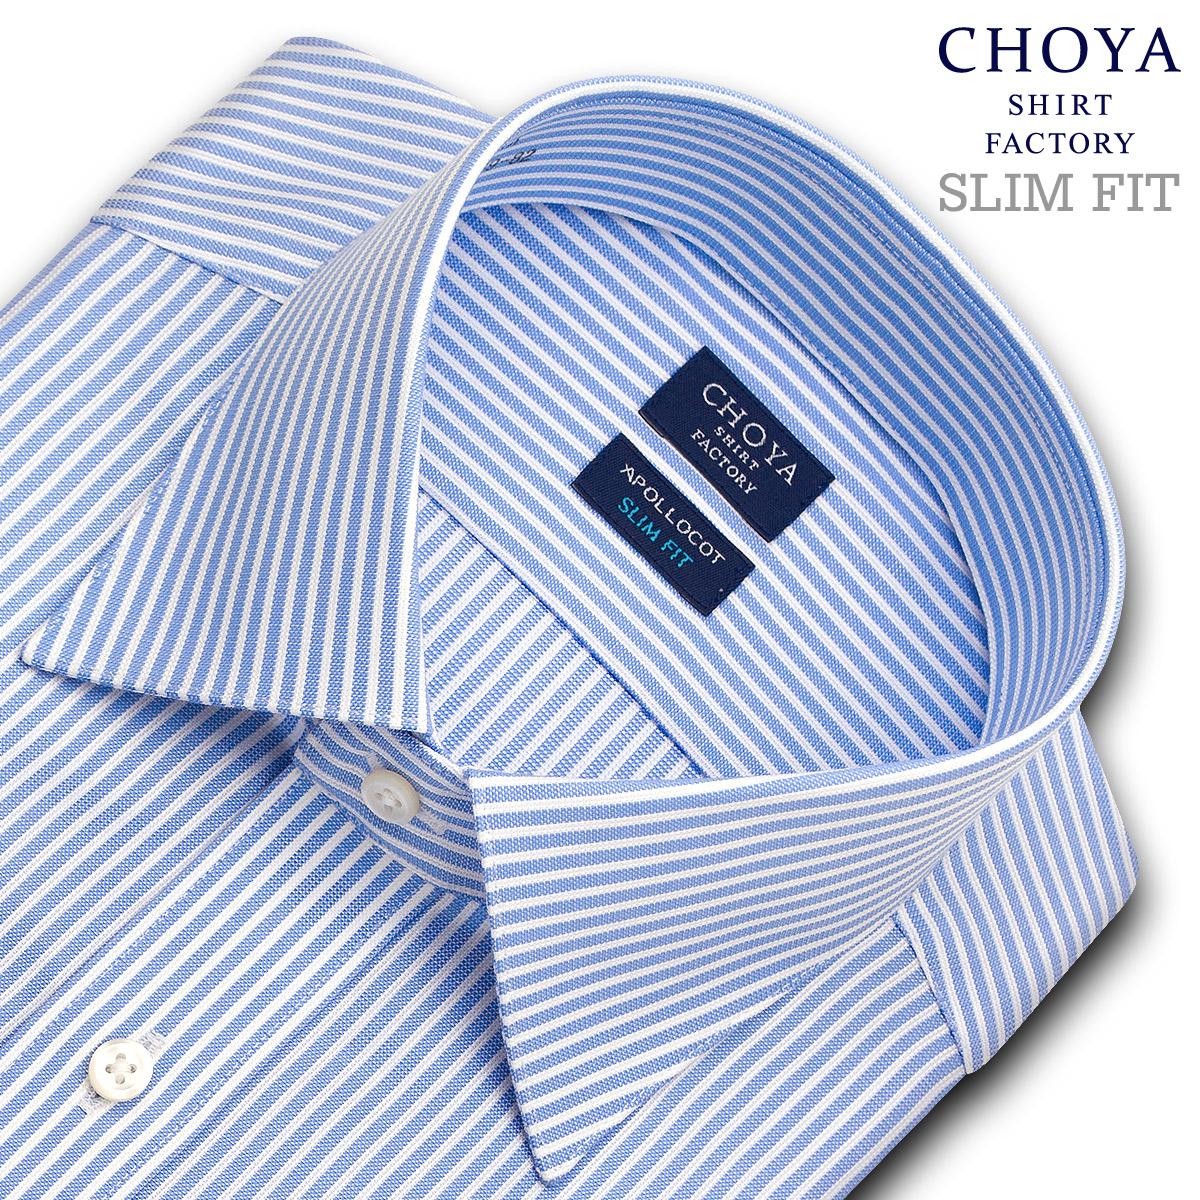 dfaf31e528649 次世代ノーアイロンドレスシャツのスリムタイプ! CHOYA SHIRT FACTORY スリムフィット 日清紡アポロ